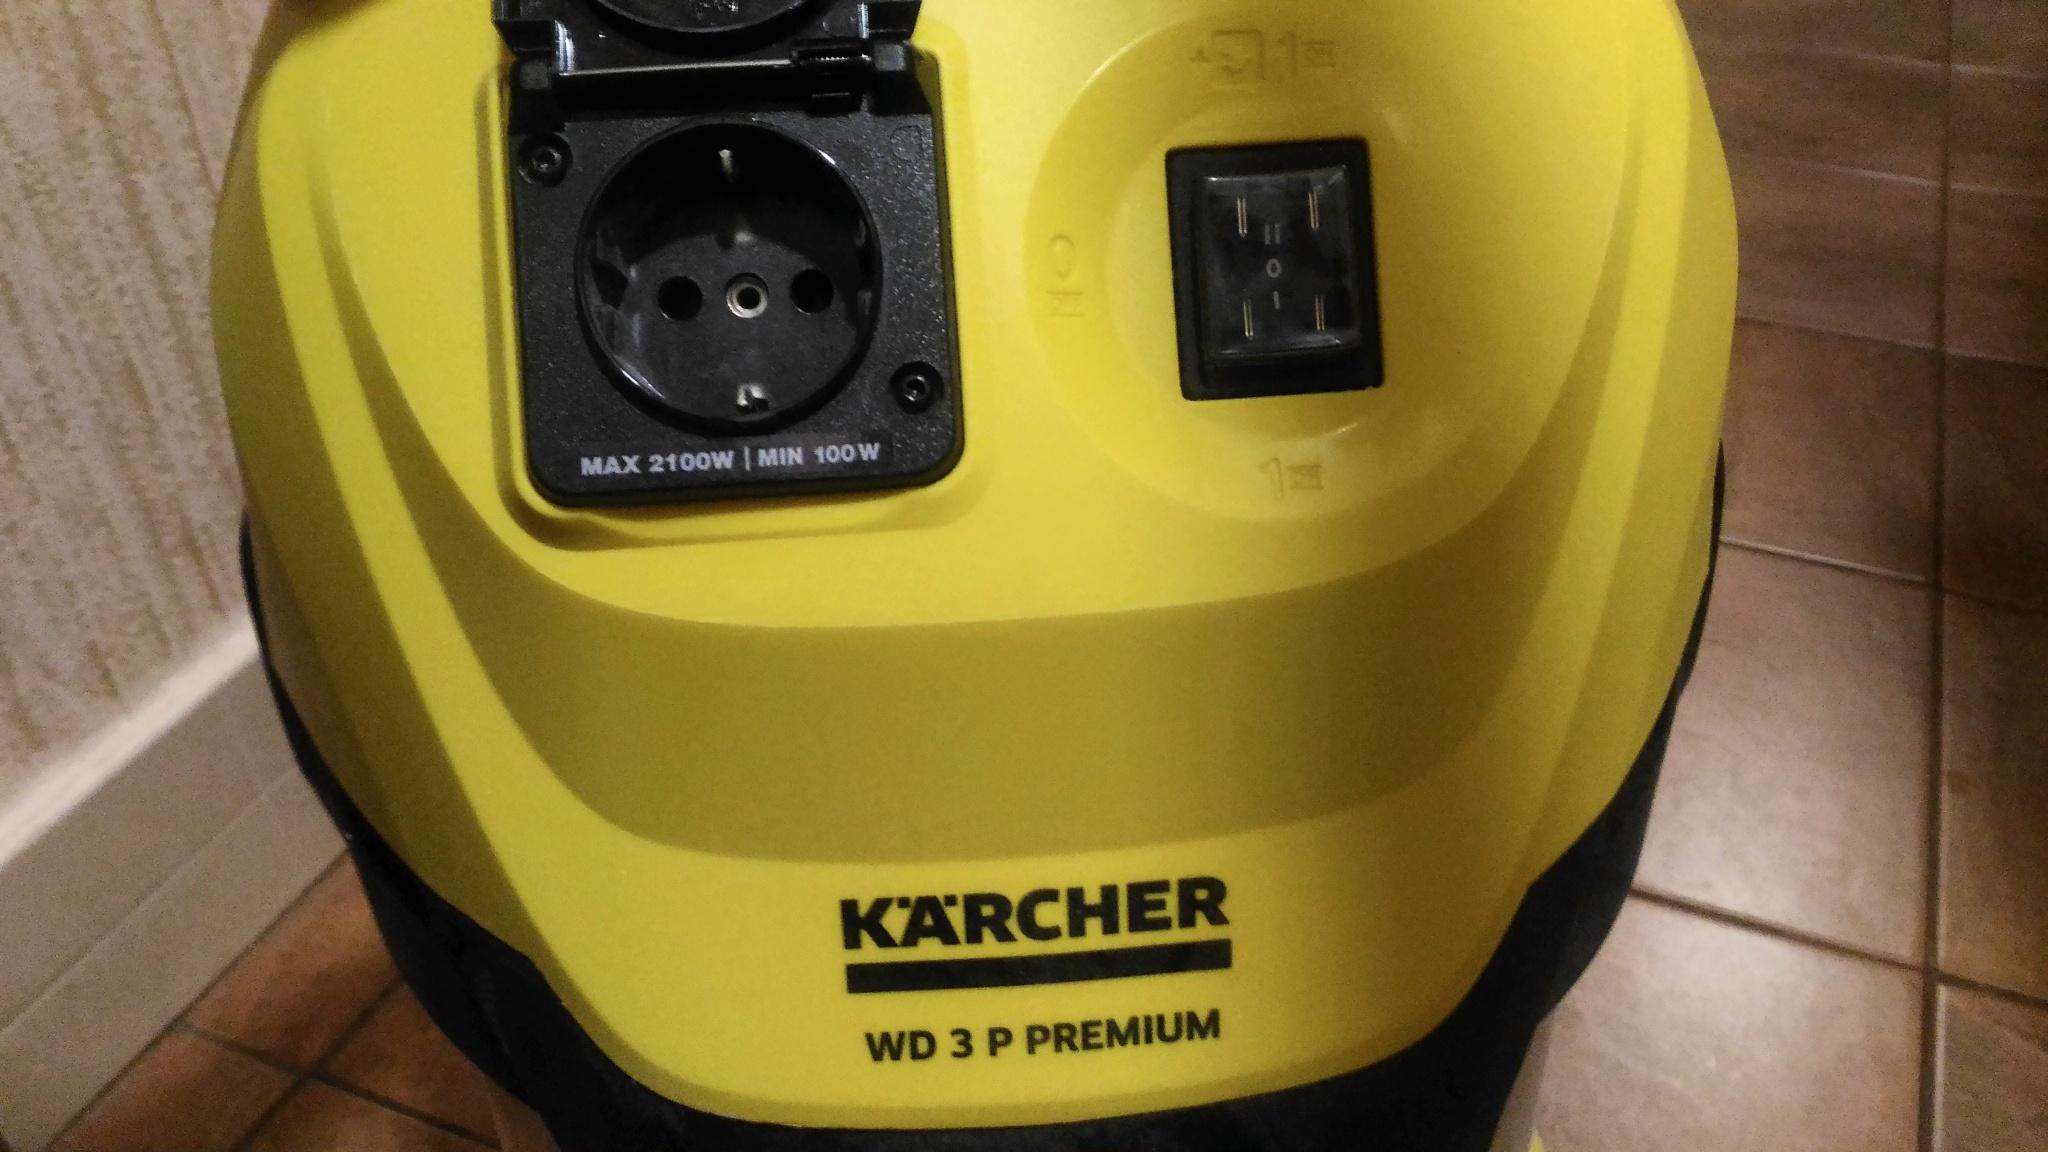 Обзор пылесоса karcher vc 3: функции, особенности + сравнение с конкурирующими моделями других производителей